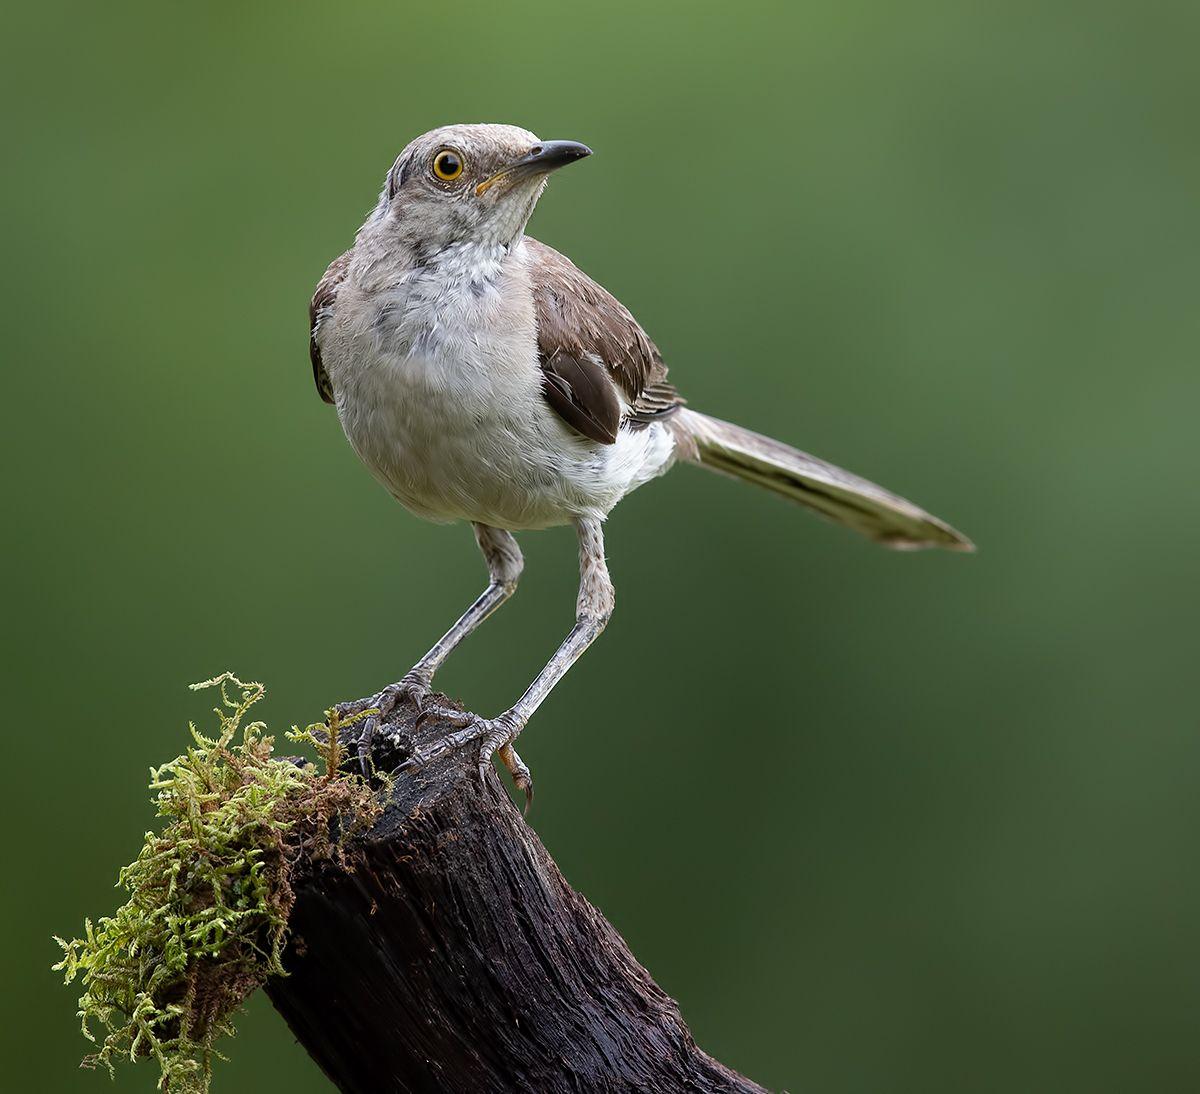 многоголосый пересмешник, northern mockingbird, пересмешник, Etkind Elizabeth